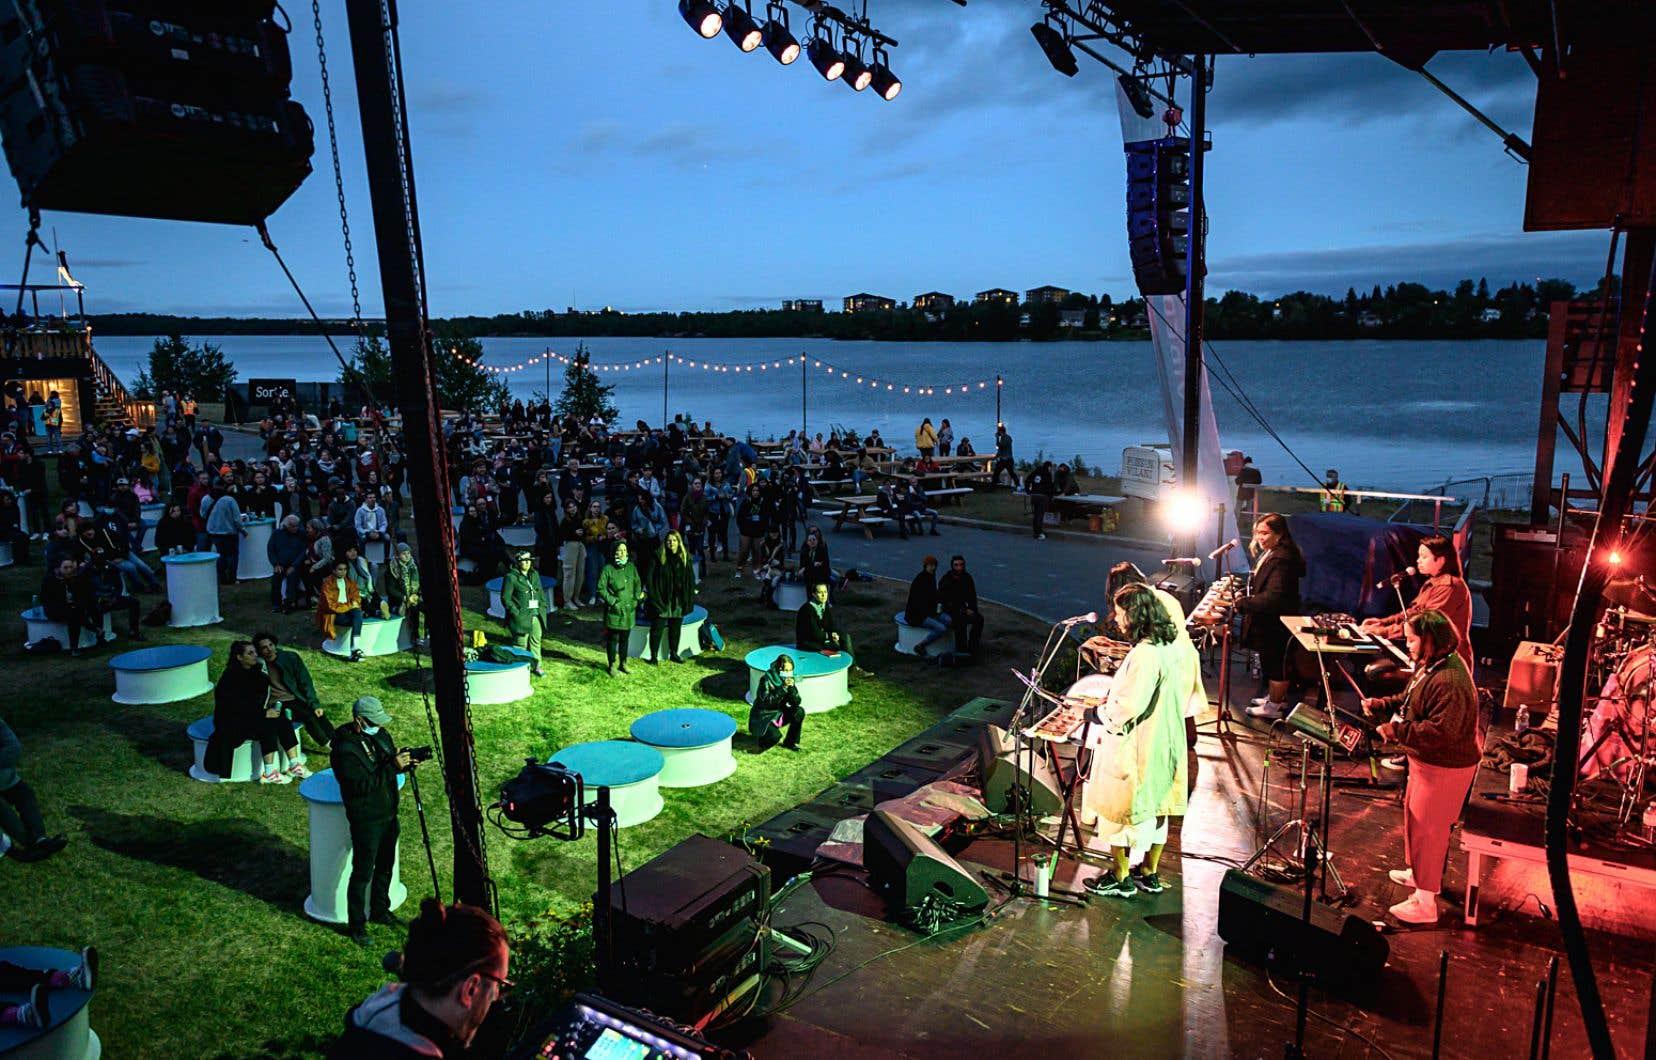 Le Festival de musique émergente, à Rouyn-Noranda, est le premier grand événement culturel à mettre à l'épreuve le passeport vaccinal depuis sa mise en place.